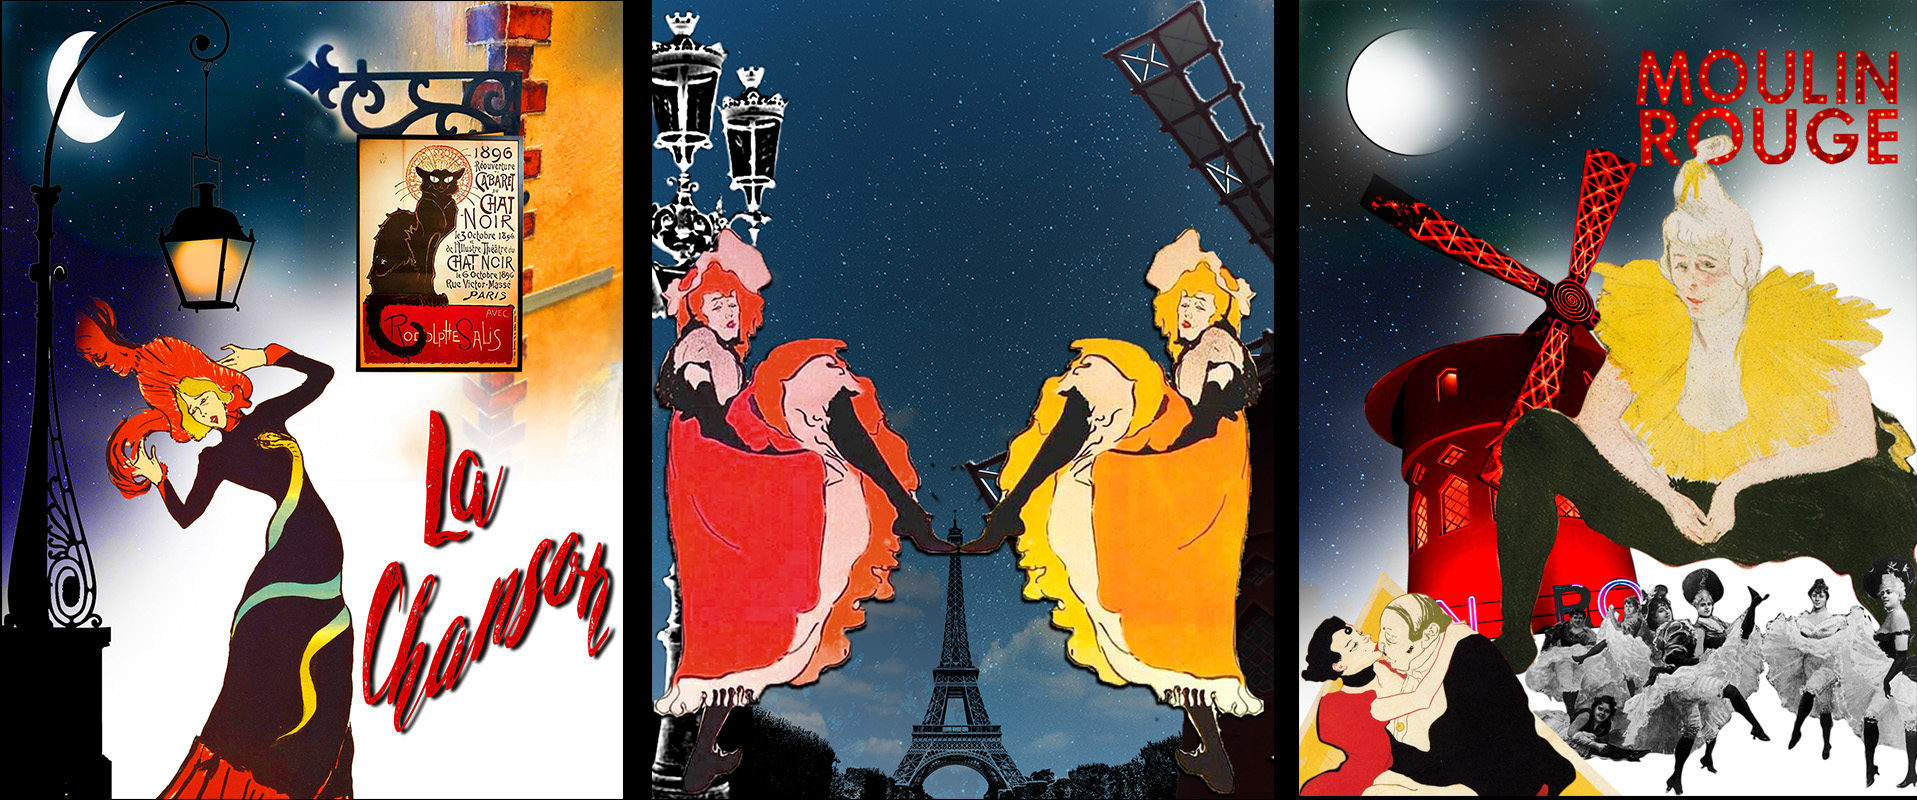 Bailarinas y Cantantes de Montmartre en la Bohemia de París. Loco Mundo Arte y Bohemia.